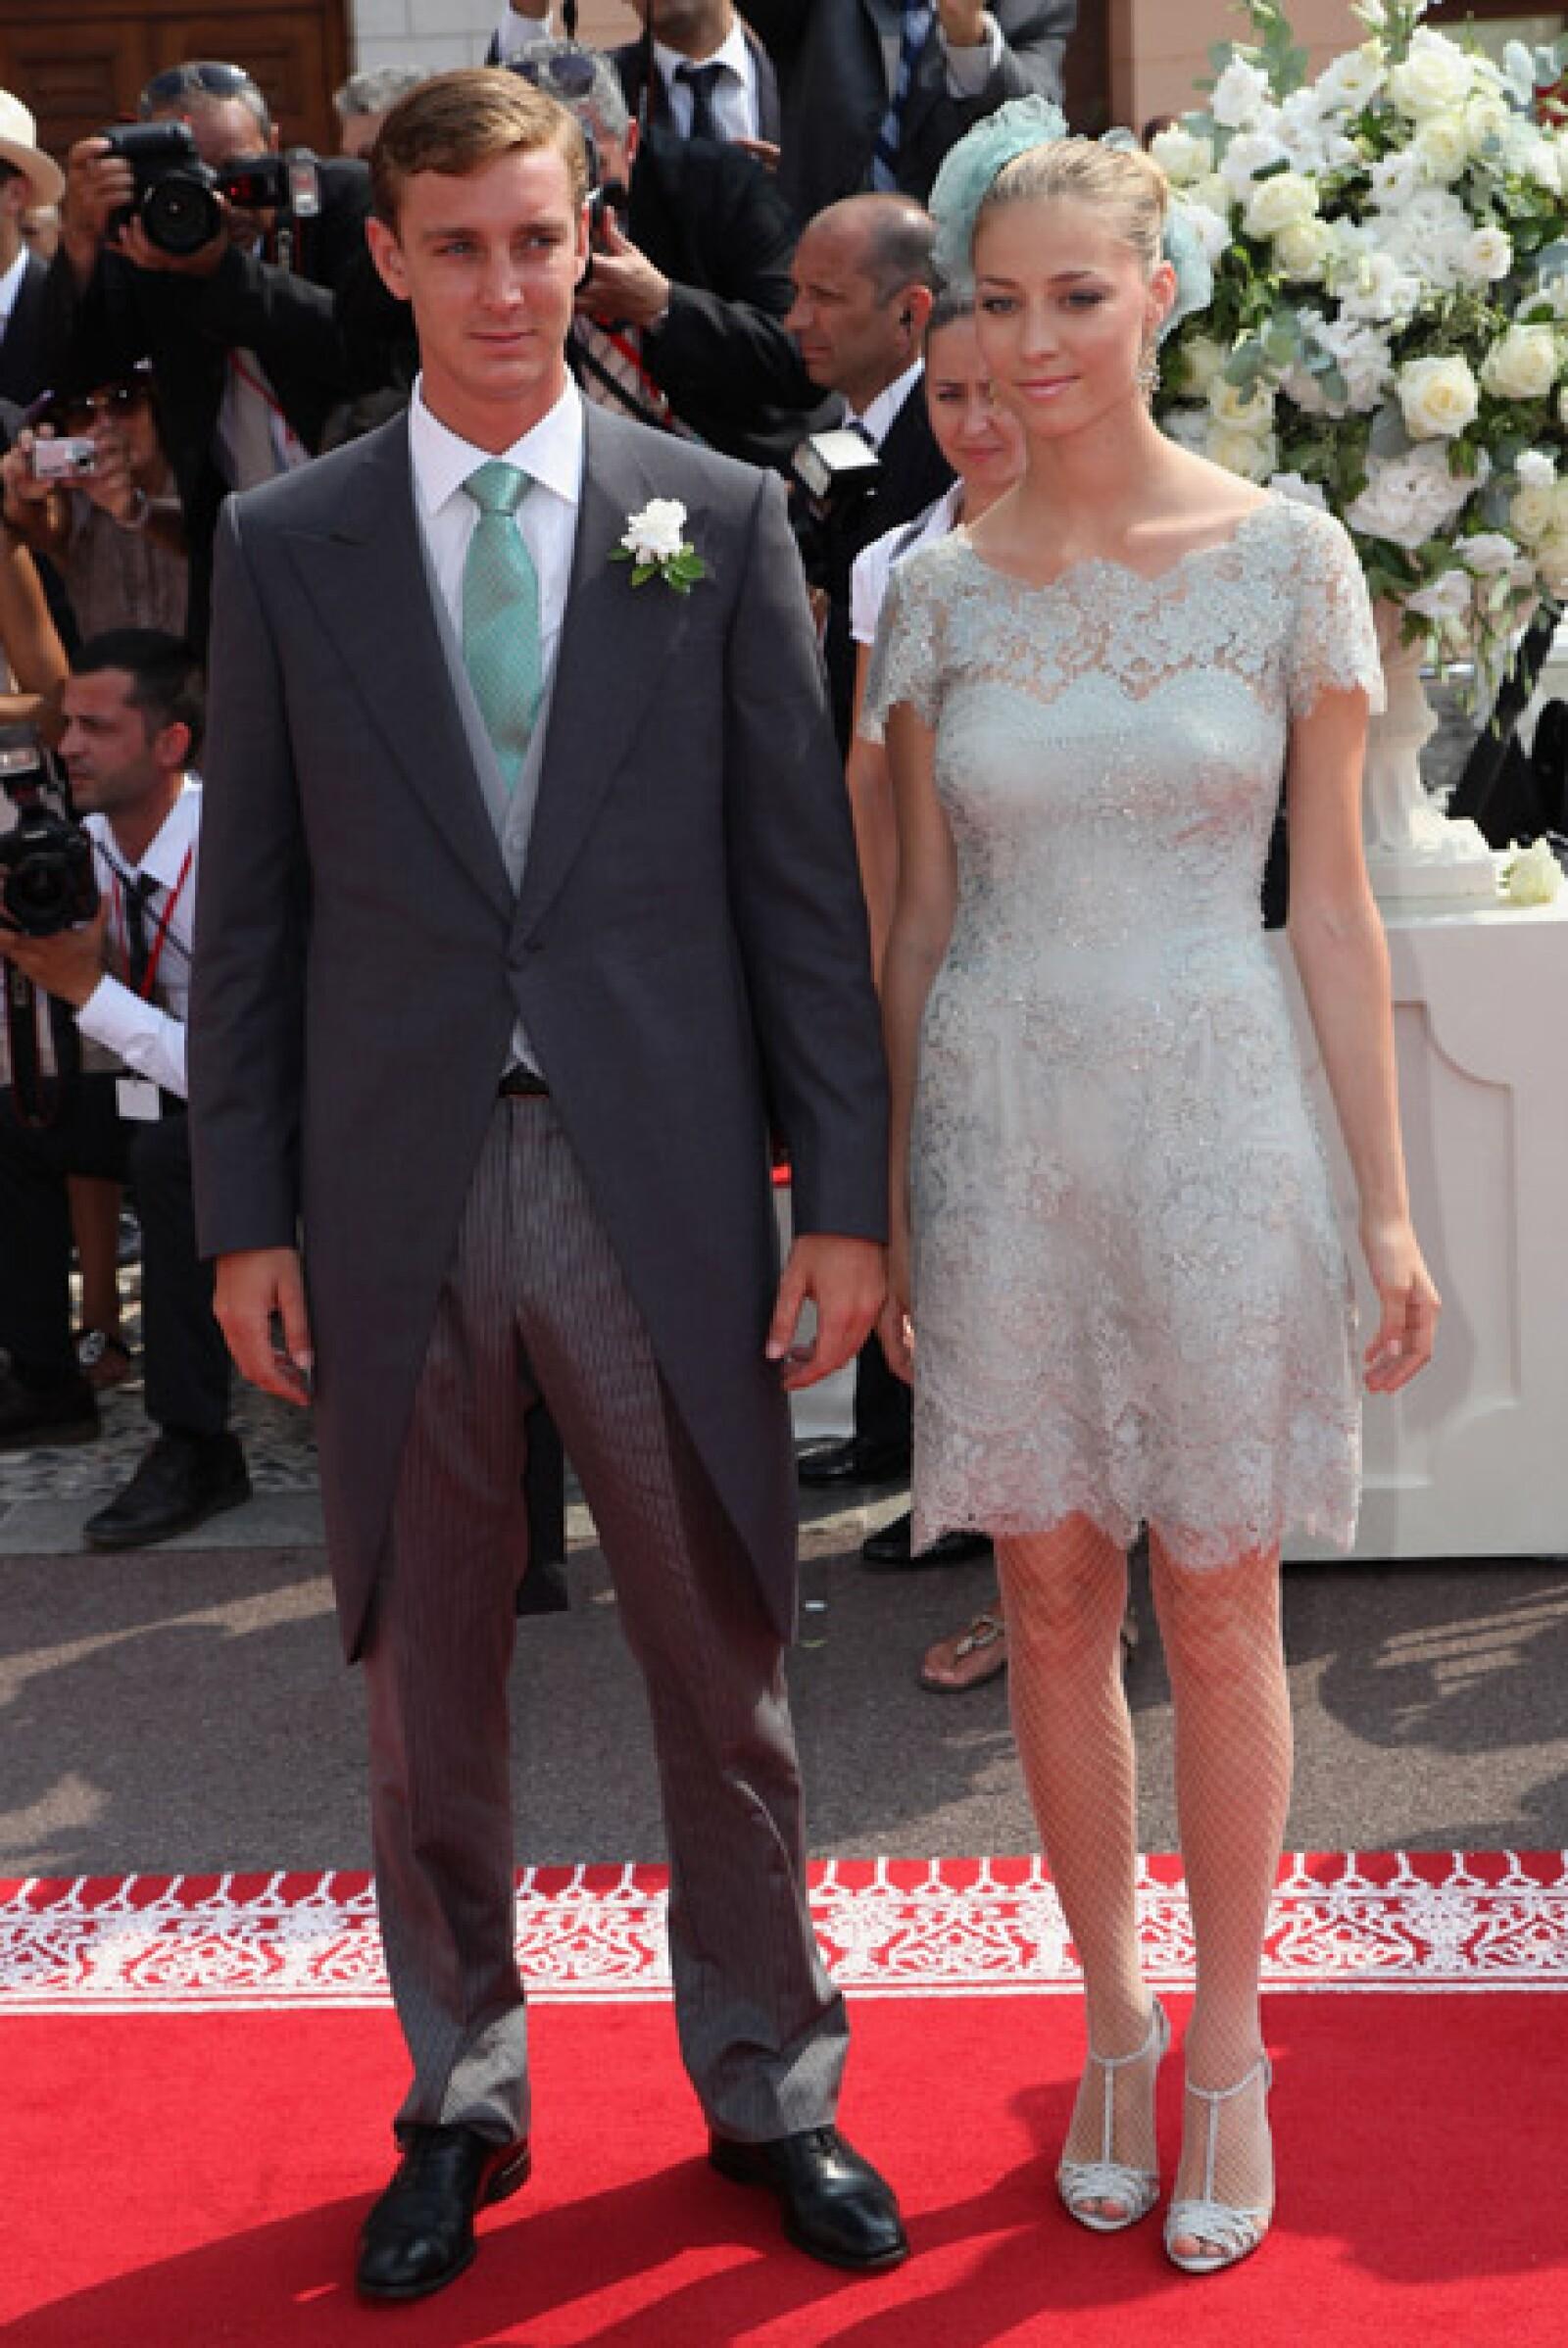 Pierre Casiraghi y su novia Beatrice Borromeo.